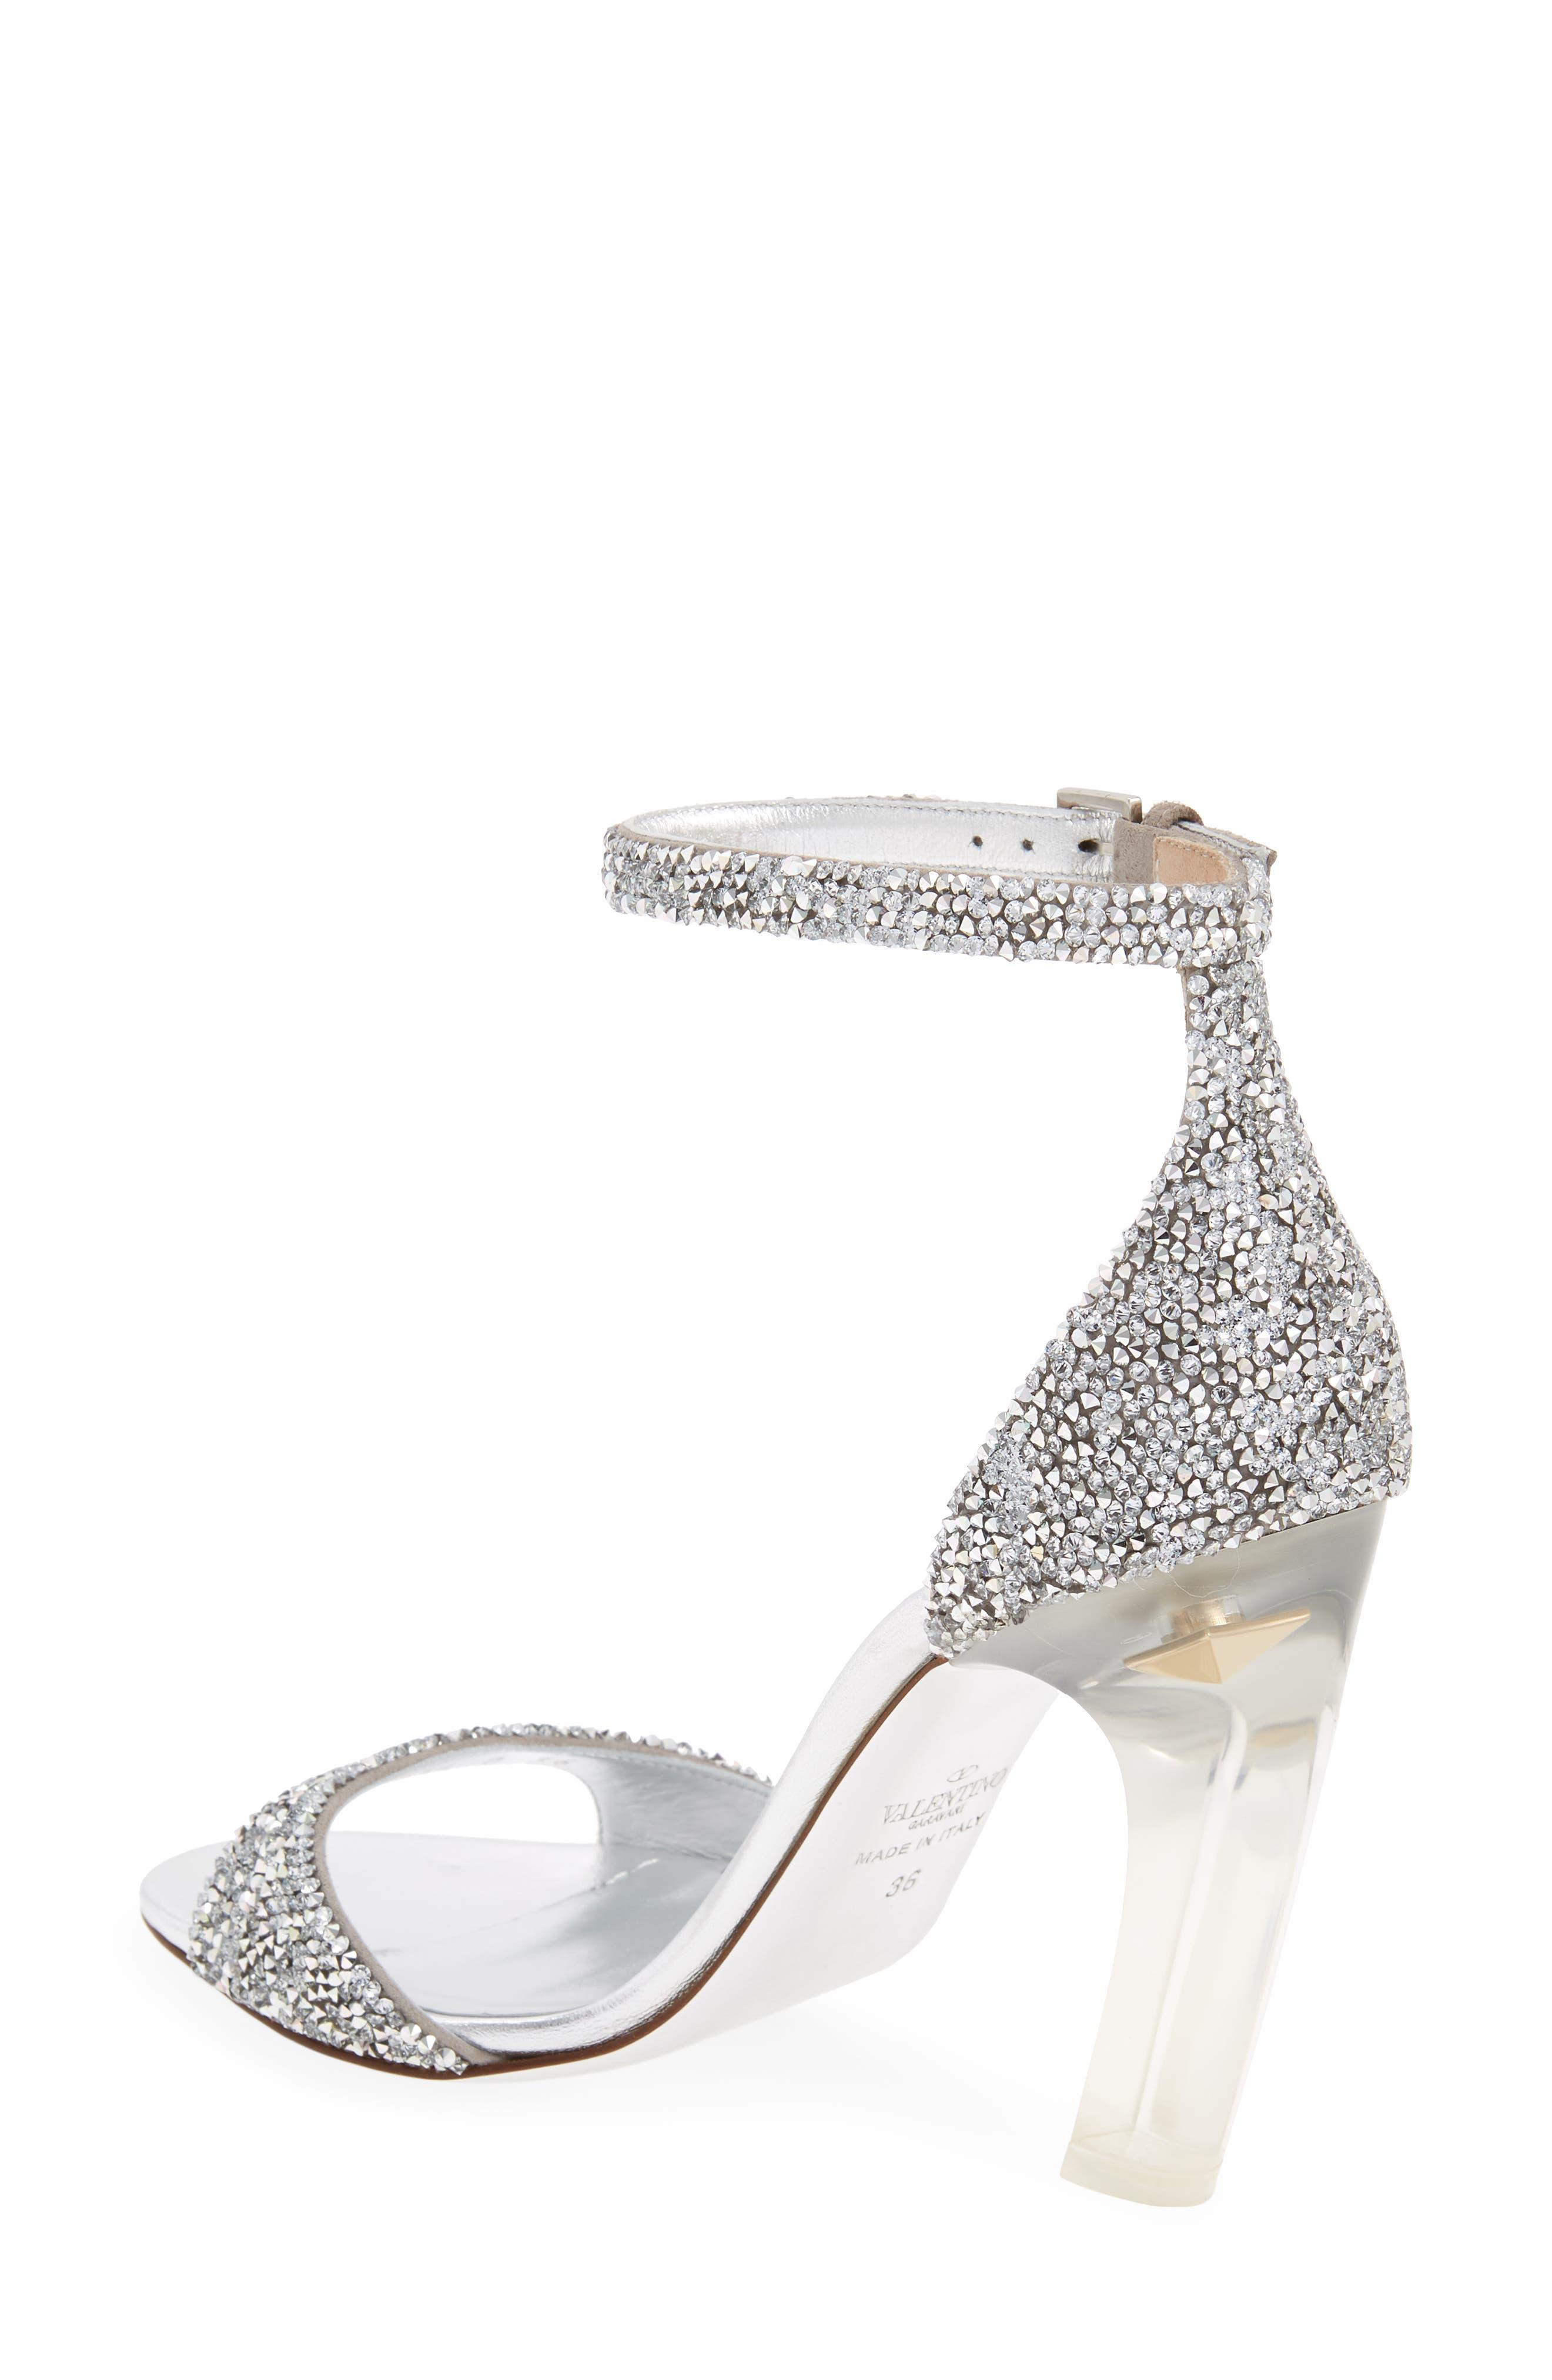 GARAVANI Crystal Embellished Clear Heel Sandal,                             Alternate thumbnail 2, color,                             Silver